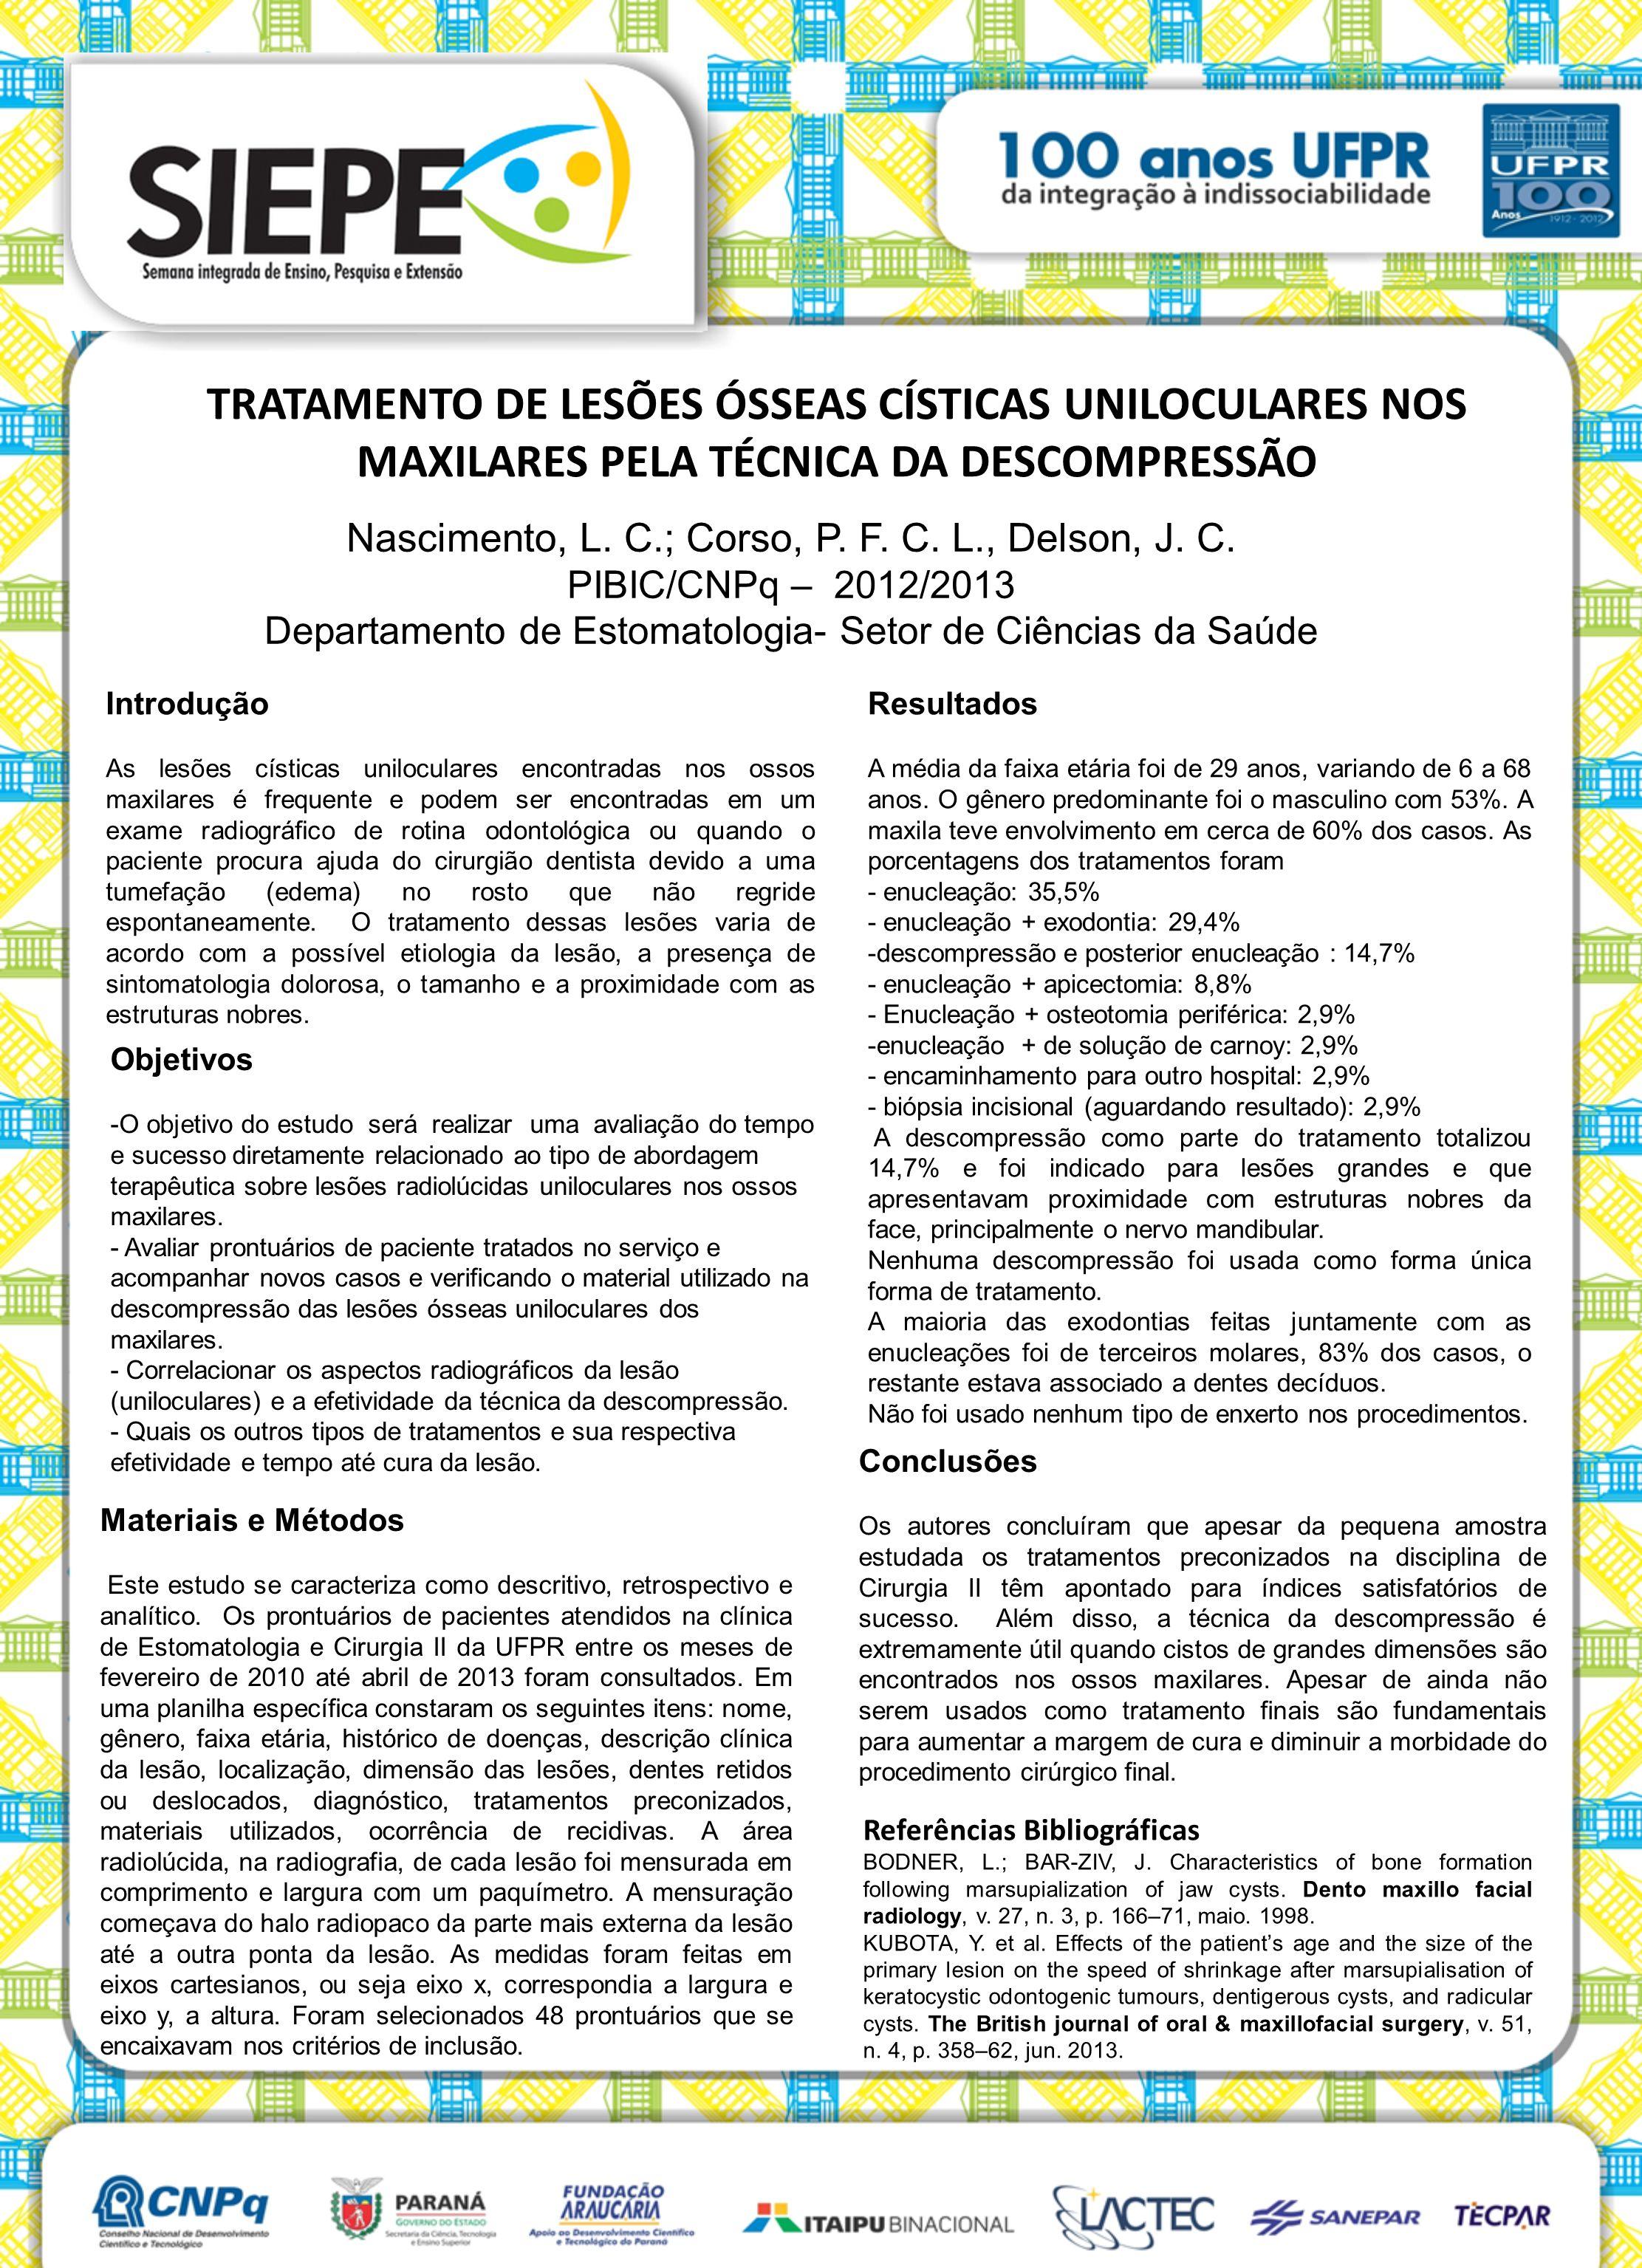 TRATAMENTO DE LESÕES ÓSSEAS CÍSTICAS UNILOCULARES NOS MAXILARES PELA TÉCNICA DA DESCOMPRESSÃO Nascimento, L. C.; Corso, P. F. C. L., Delson, J. C. PIB